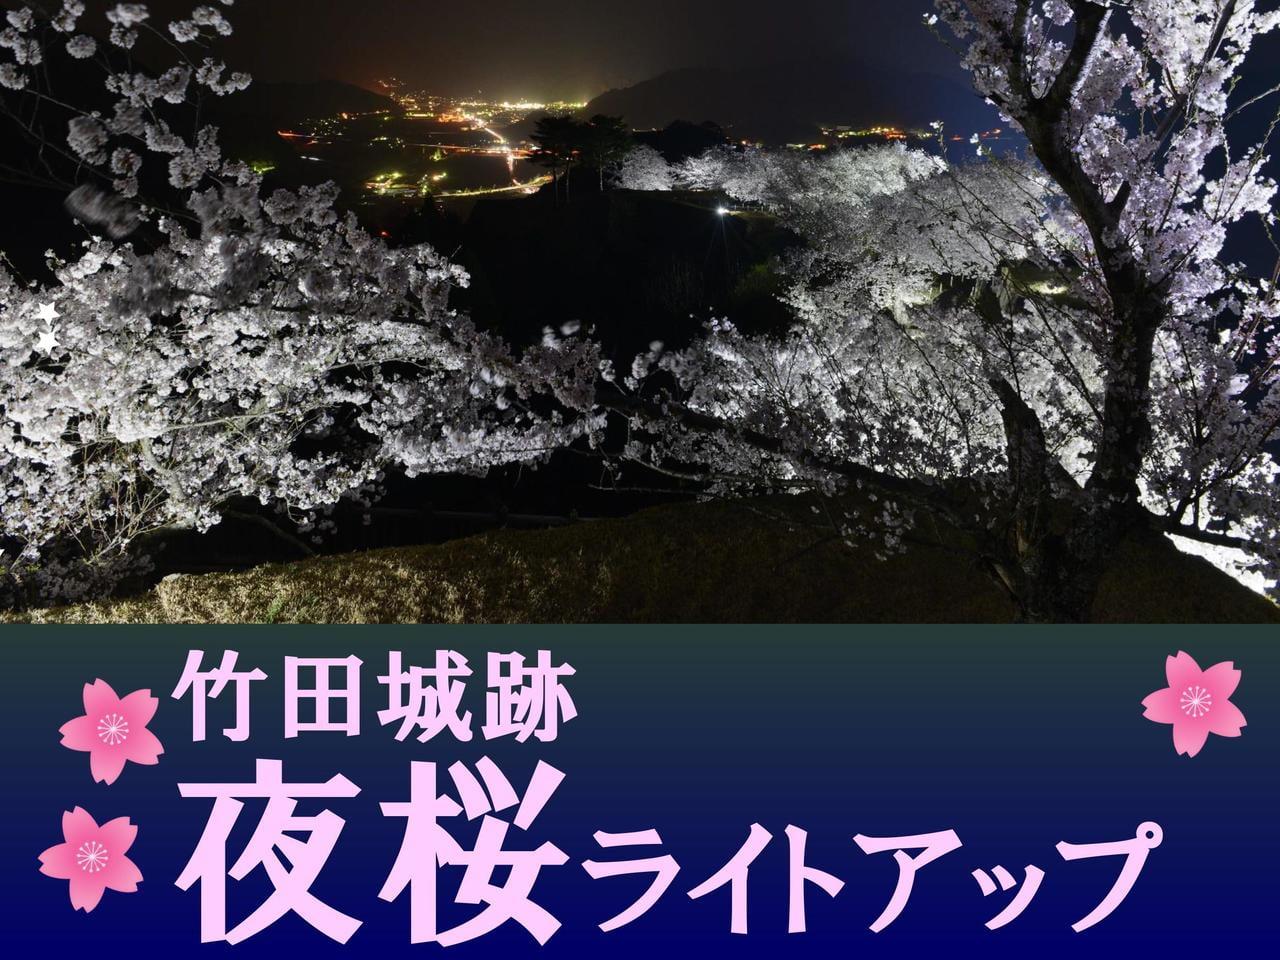 【兵庫・朝来】竹田城跡 夜桜ライトアップ~日本100名城~【2020】